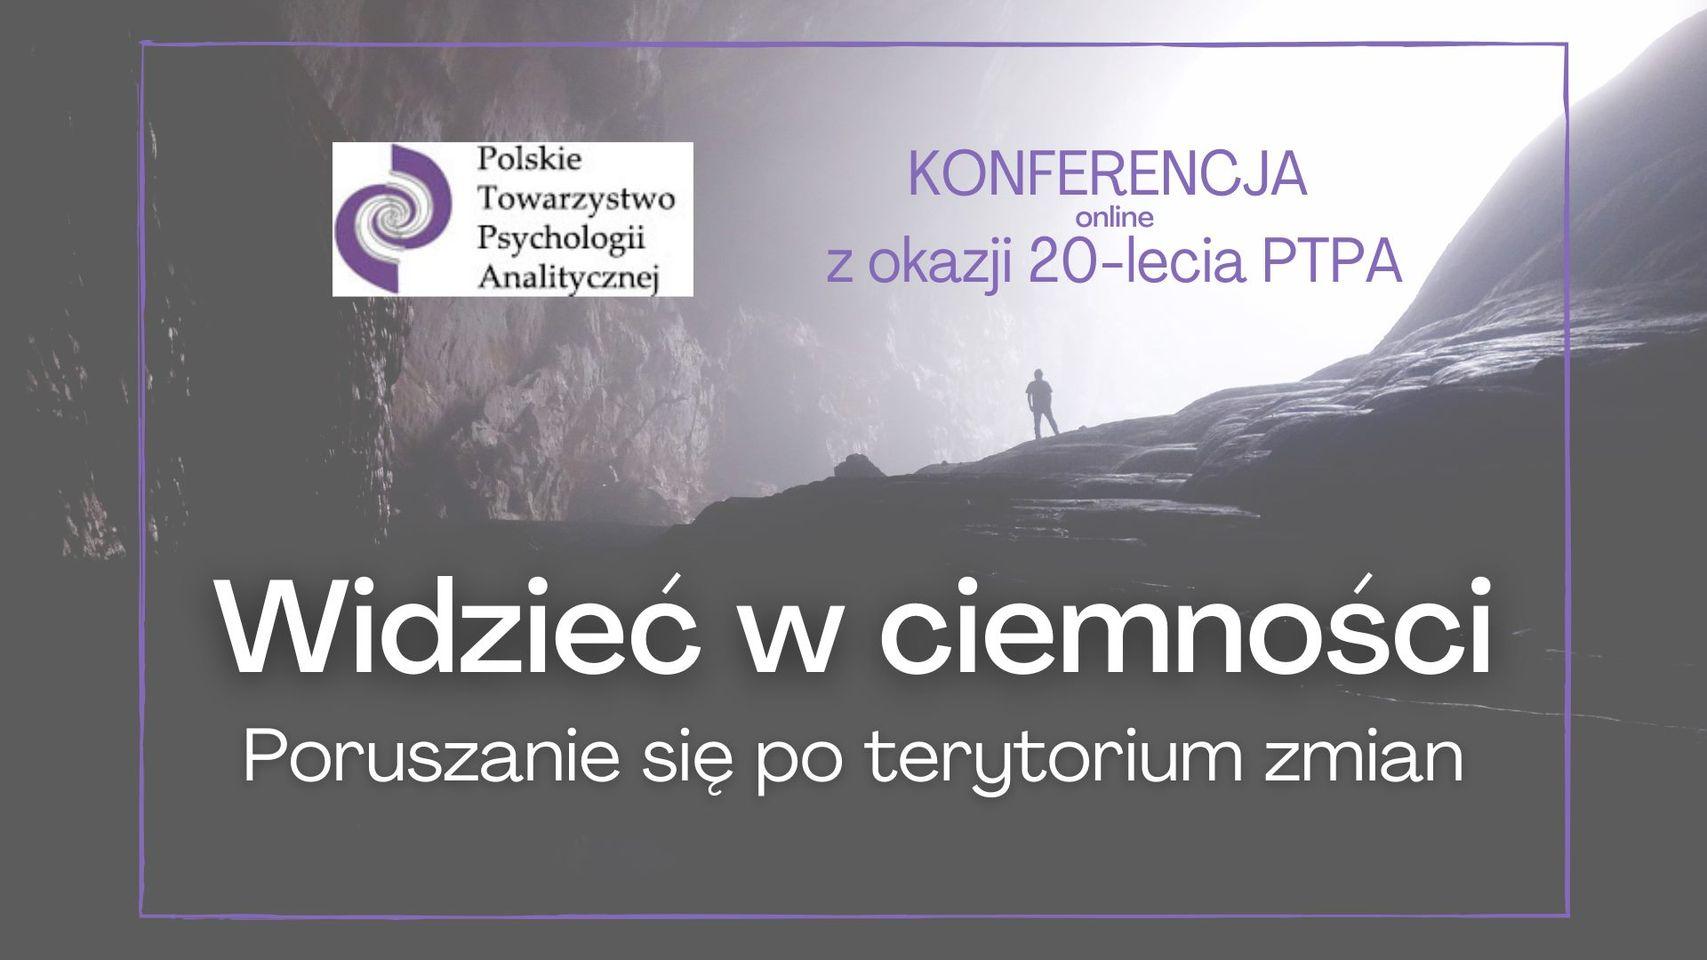 Konferencja On-line Z Okazji 20-lecia  Polskiego Towarzystwa Psychologii Analitycznej